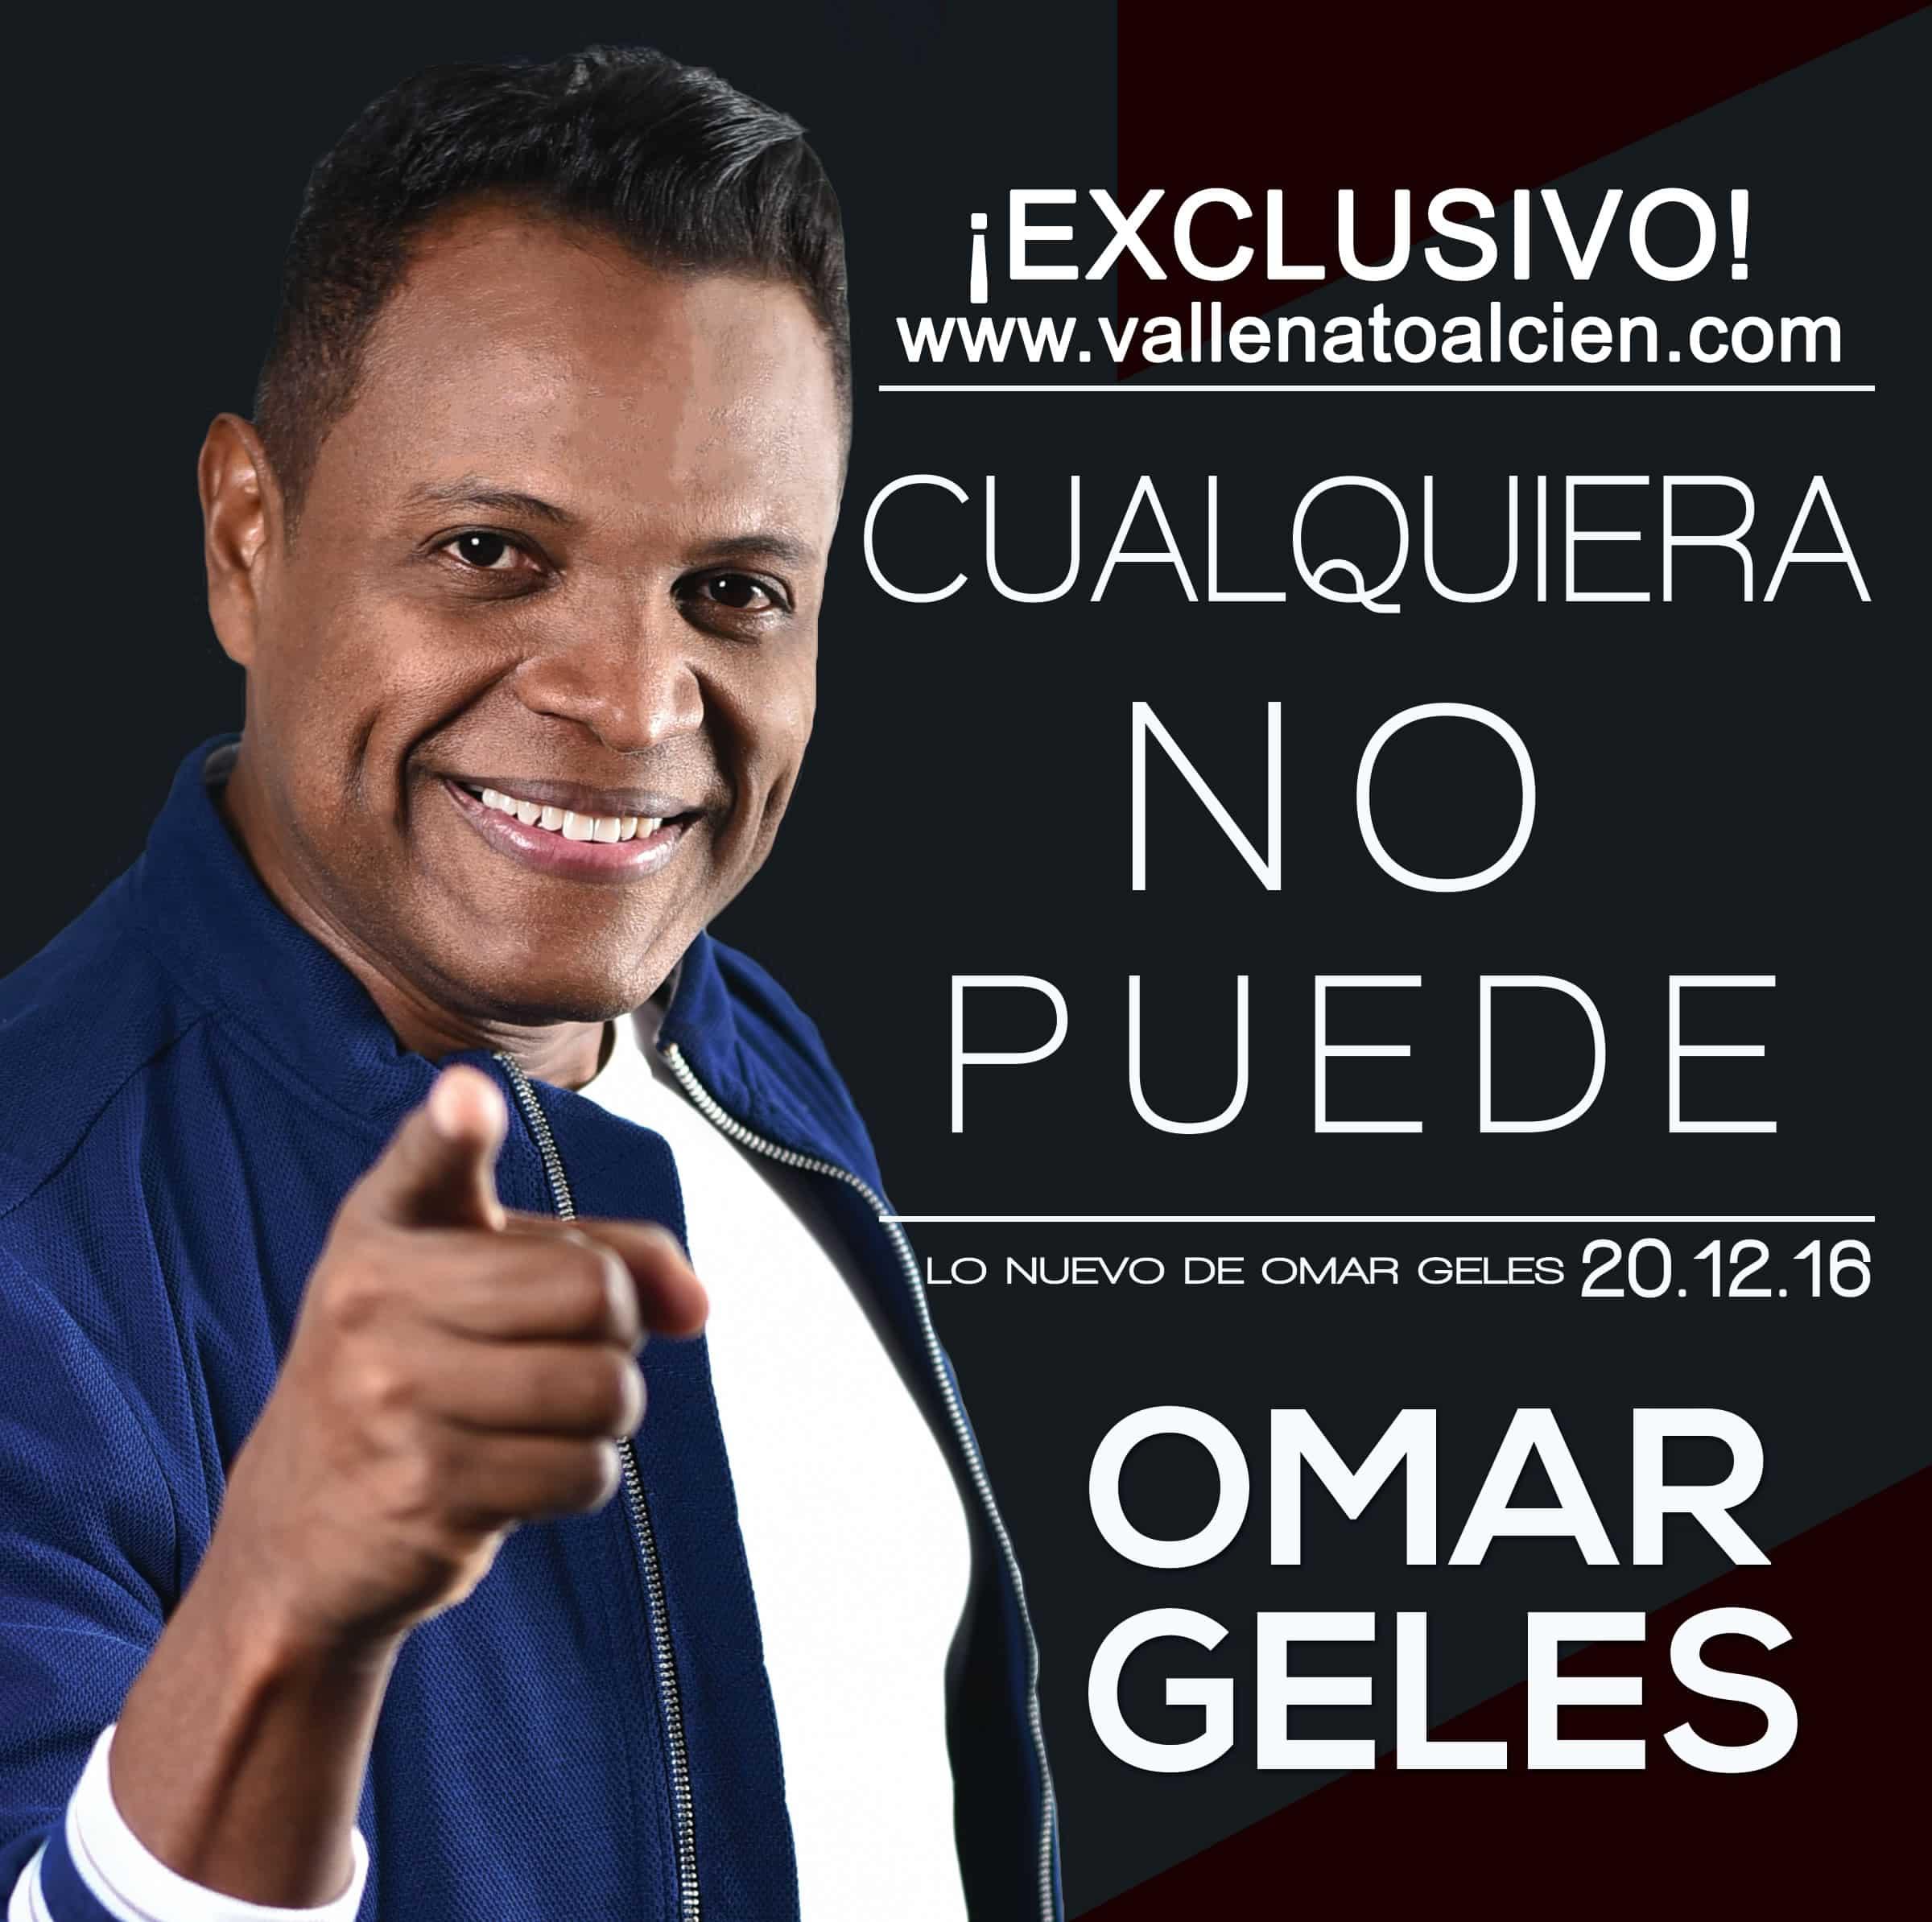 Cualquiera no puede Omar Geles via @Vallenatoalcien